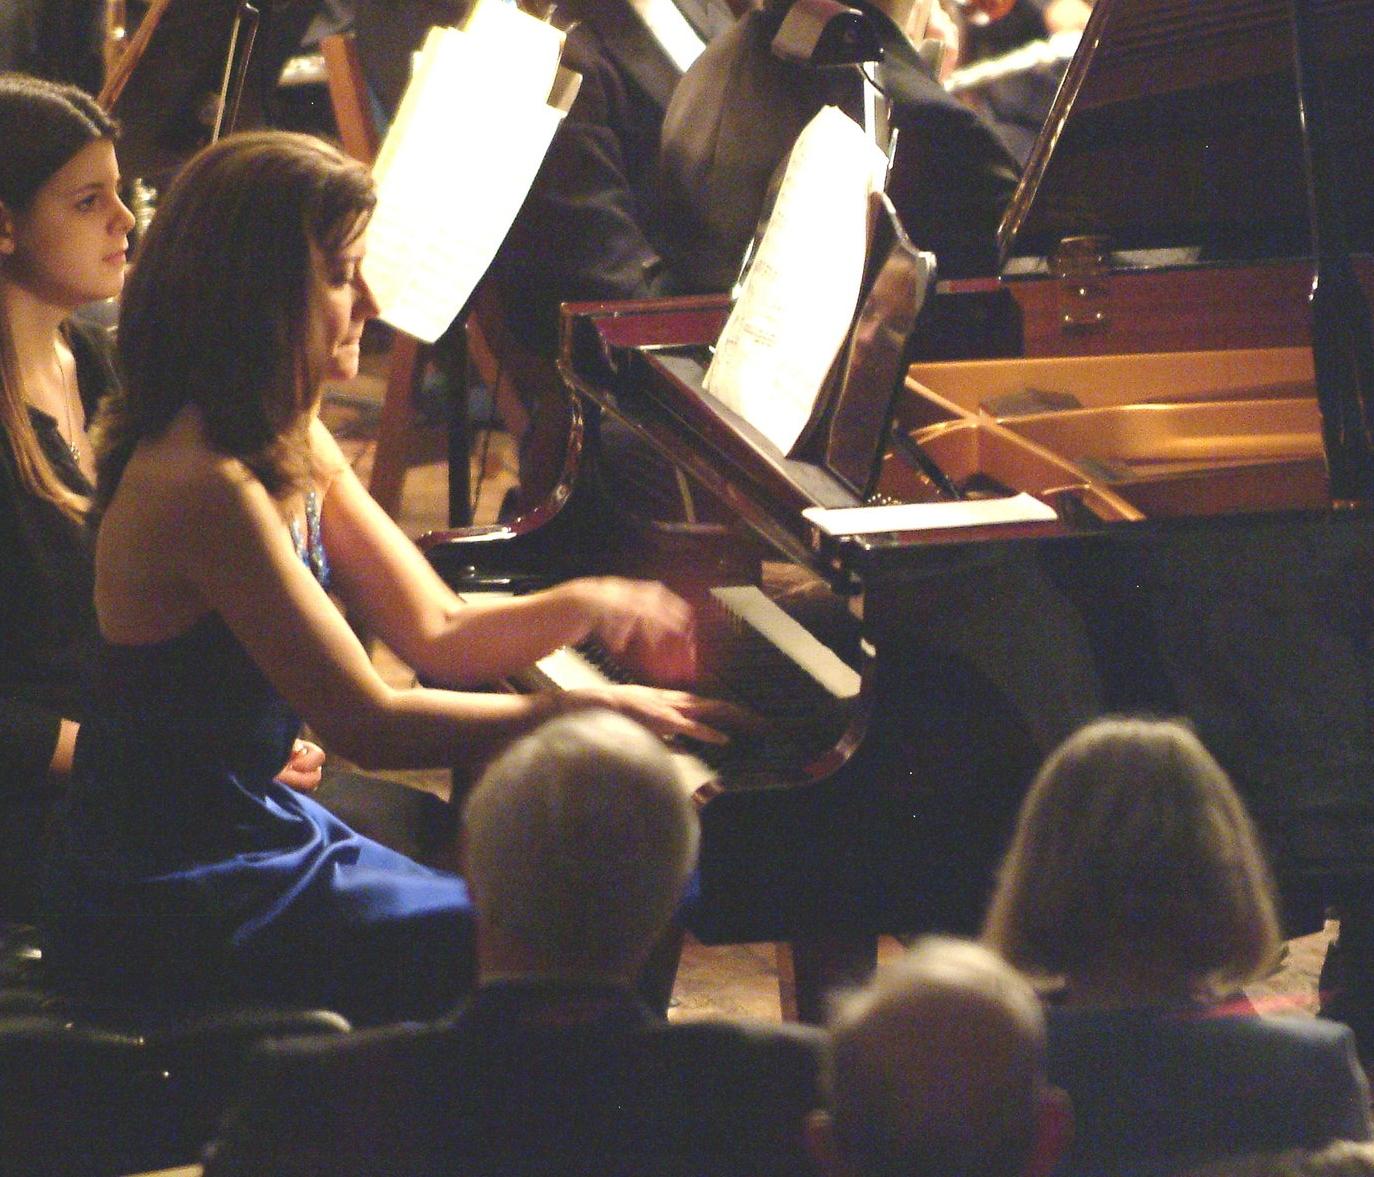 Beth at piano.JPG